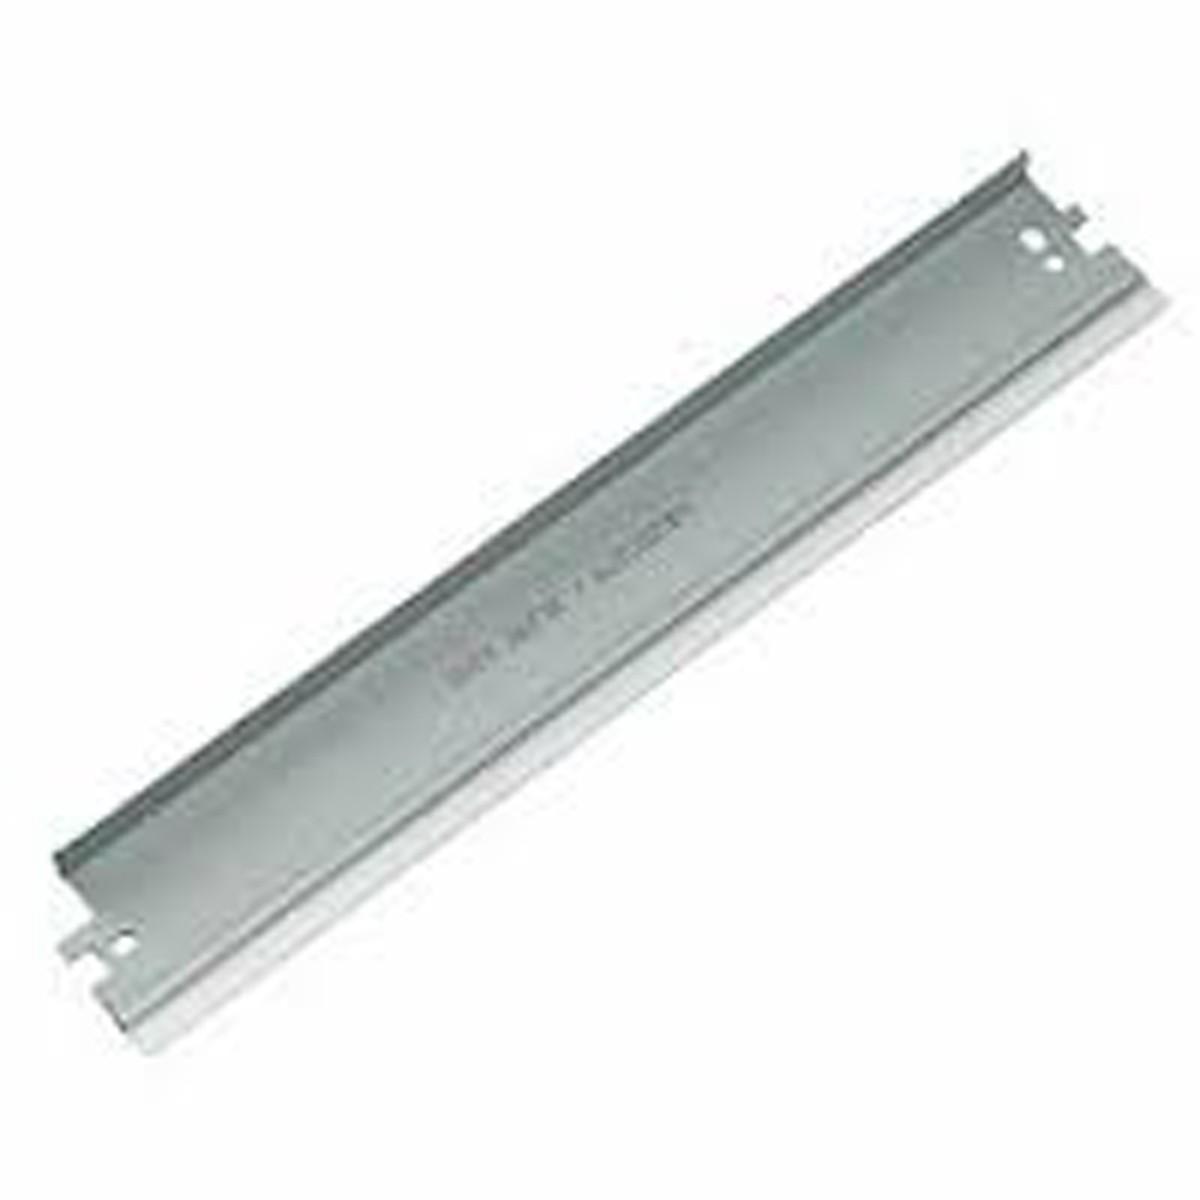 Lamina Limpeza Wiper Blade HP CE285 285A 285 - P1102 P1102W 1102 M1212 M1132 1132